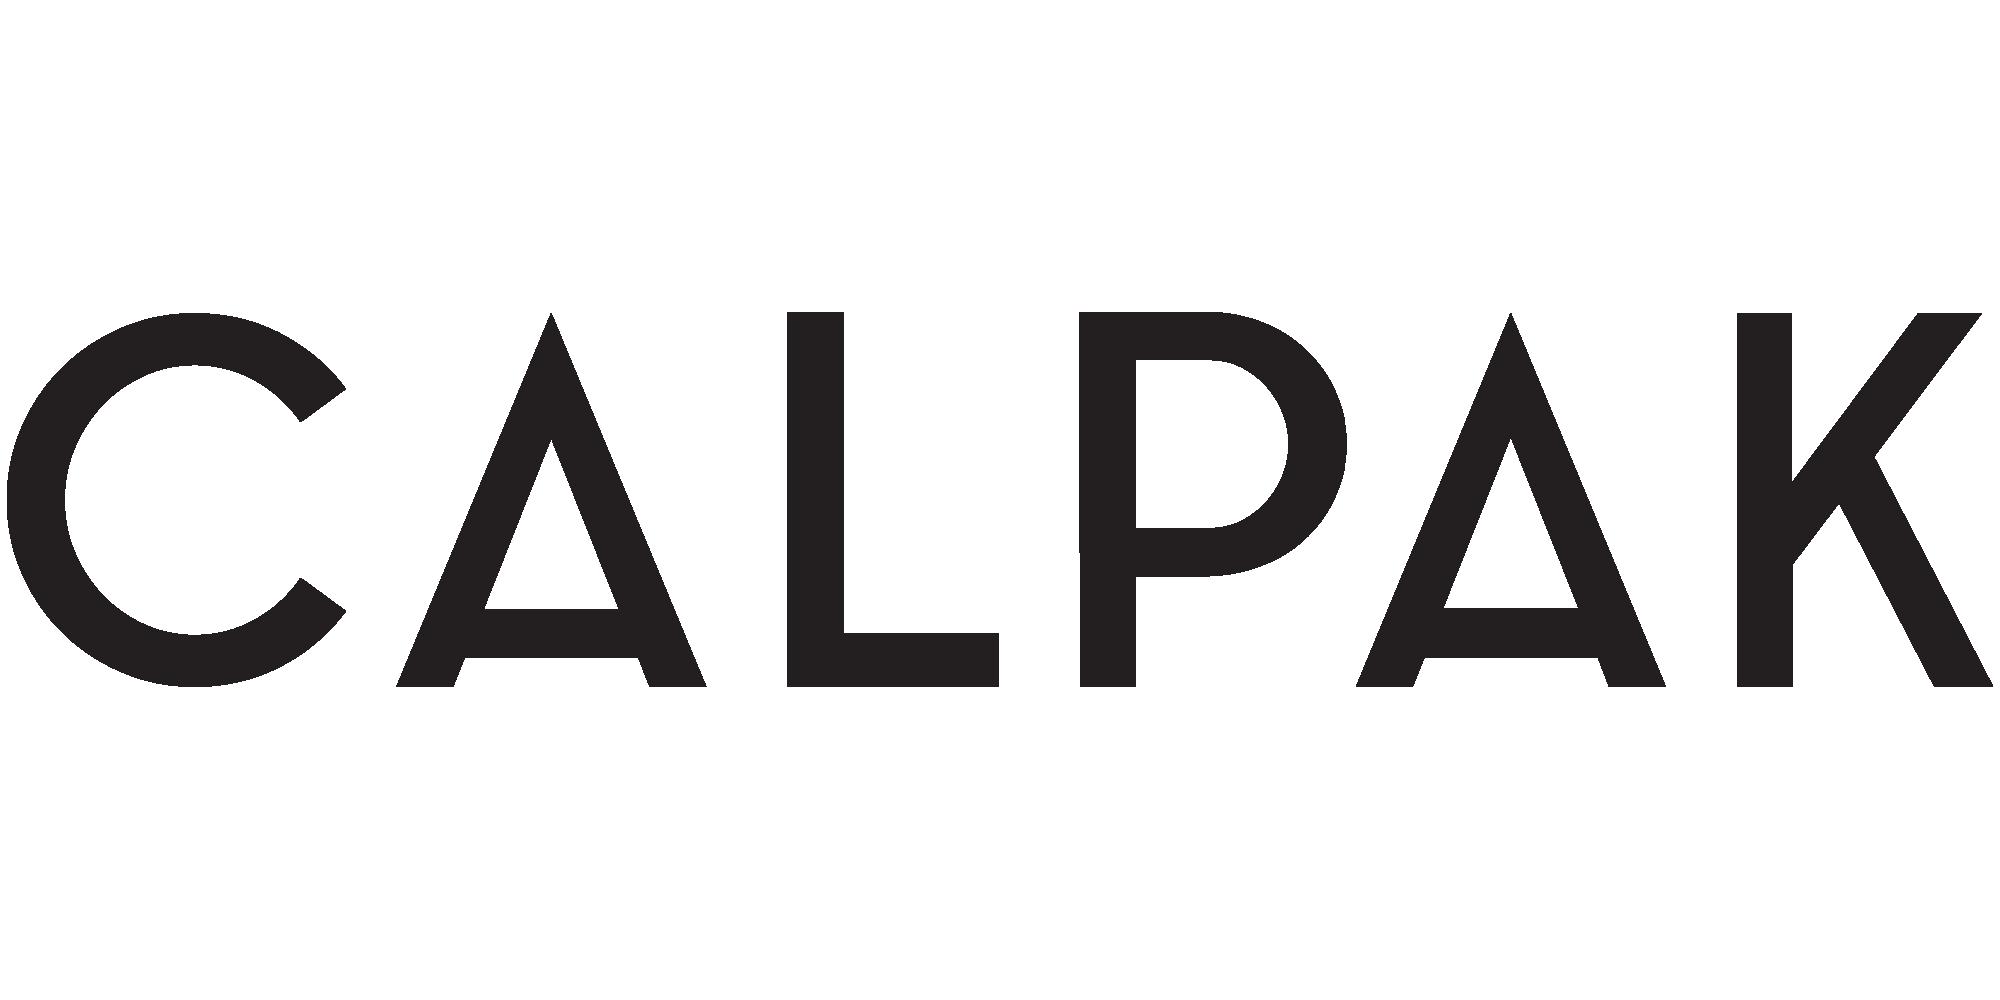 CALPAK Travel free shipping coupons